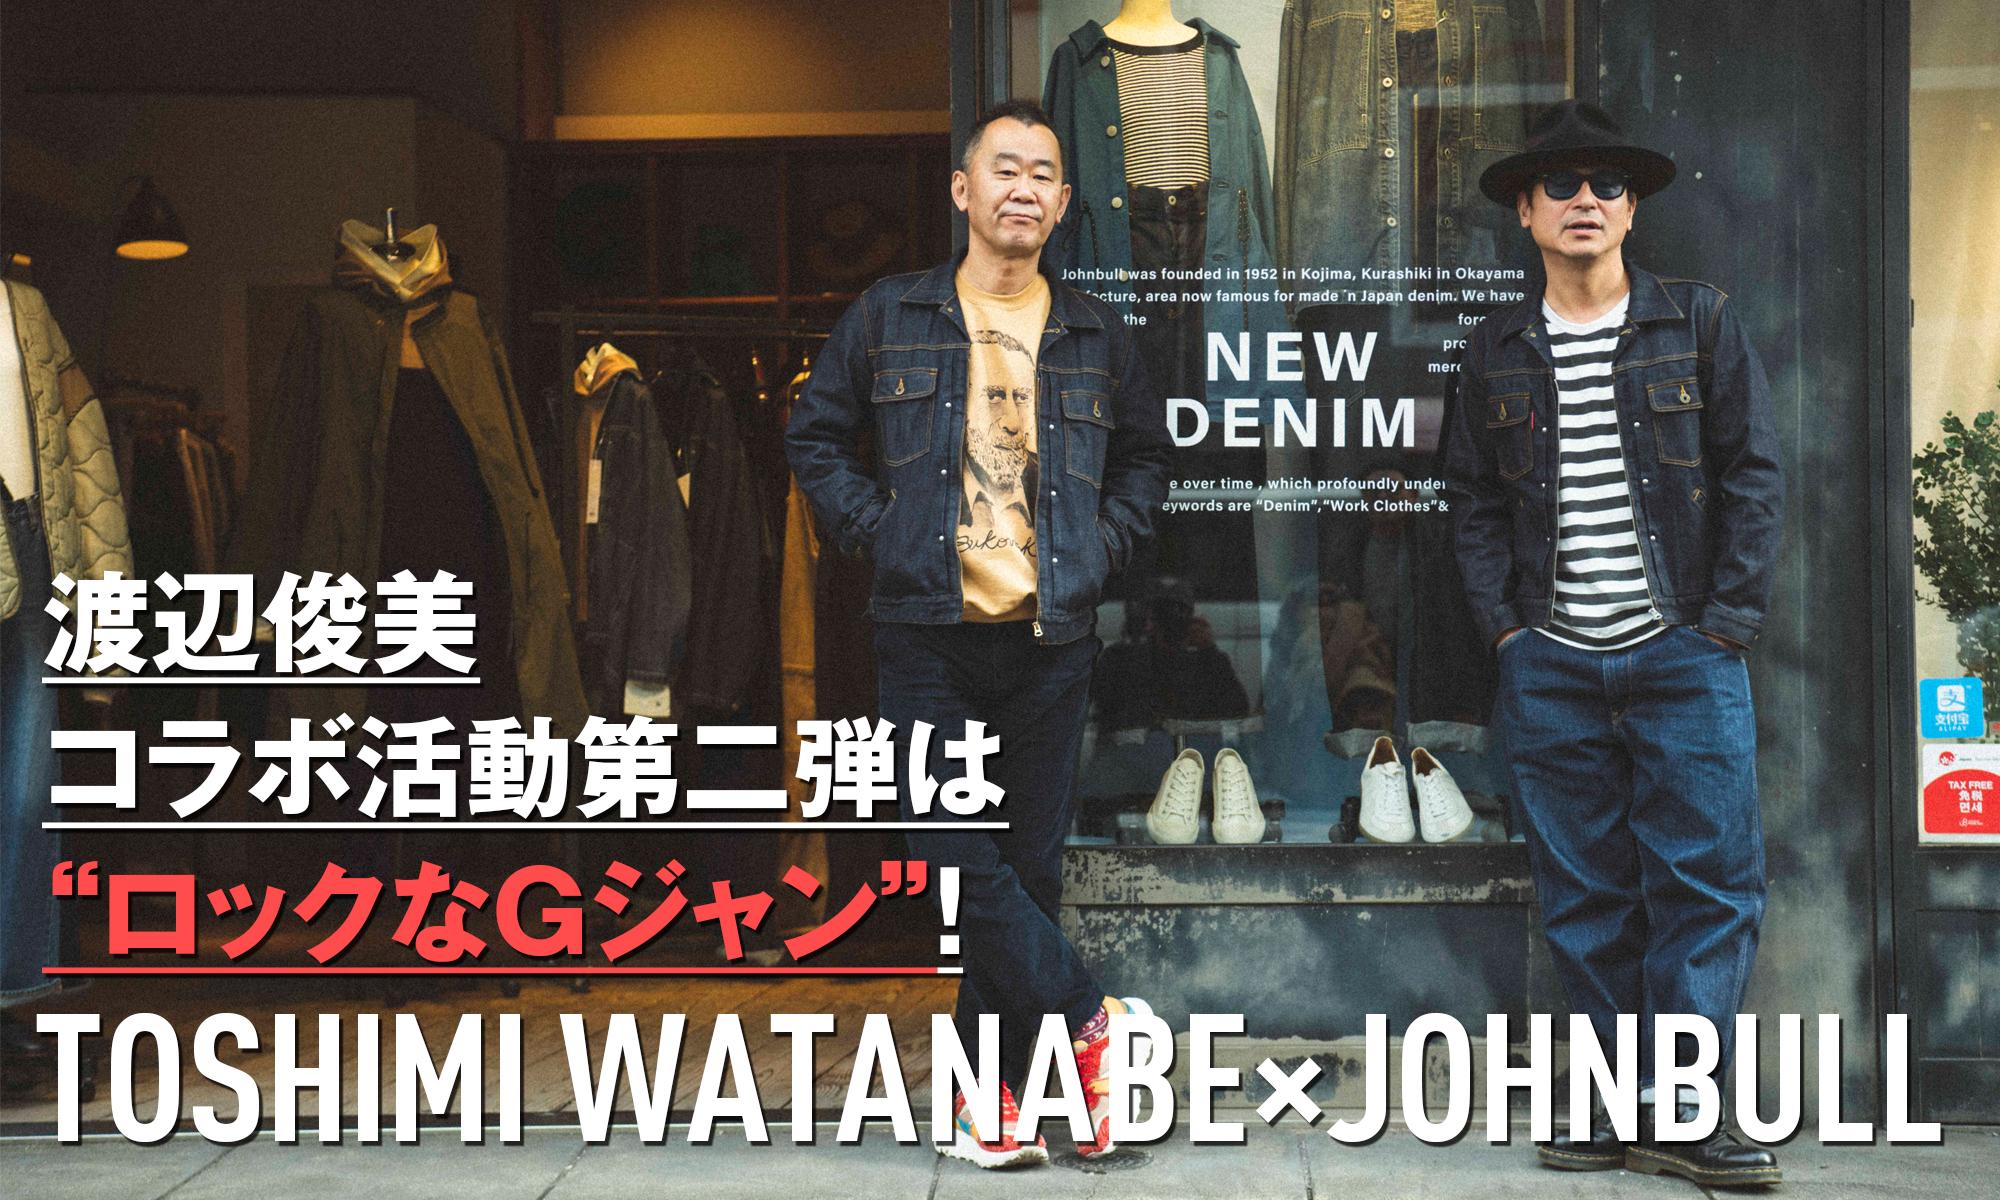 """渡辺俊美コラボ活動第二弾は""""ロックなGジャン""""! TOSHIMI WATANABE×JOHNBULL"""